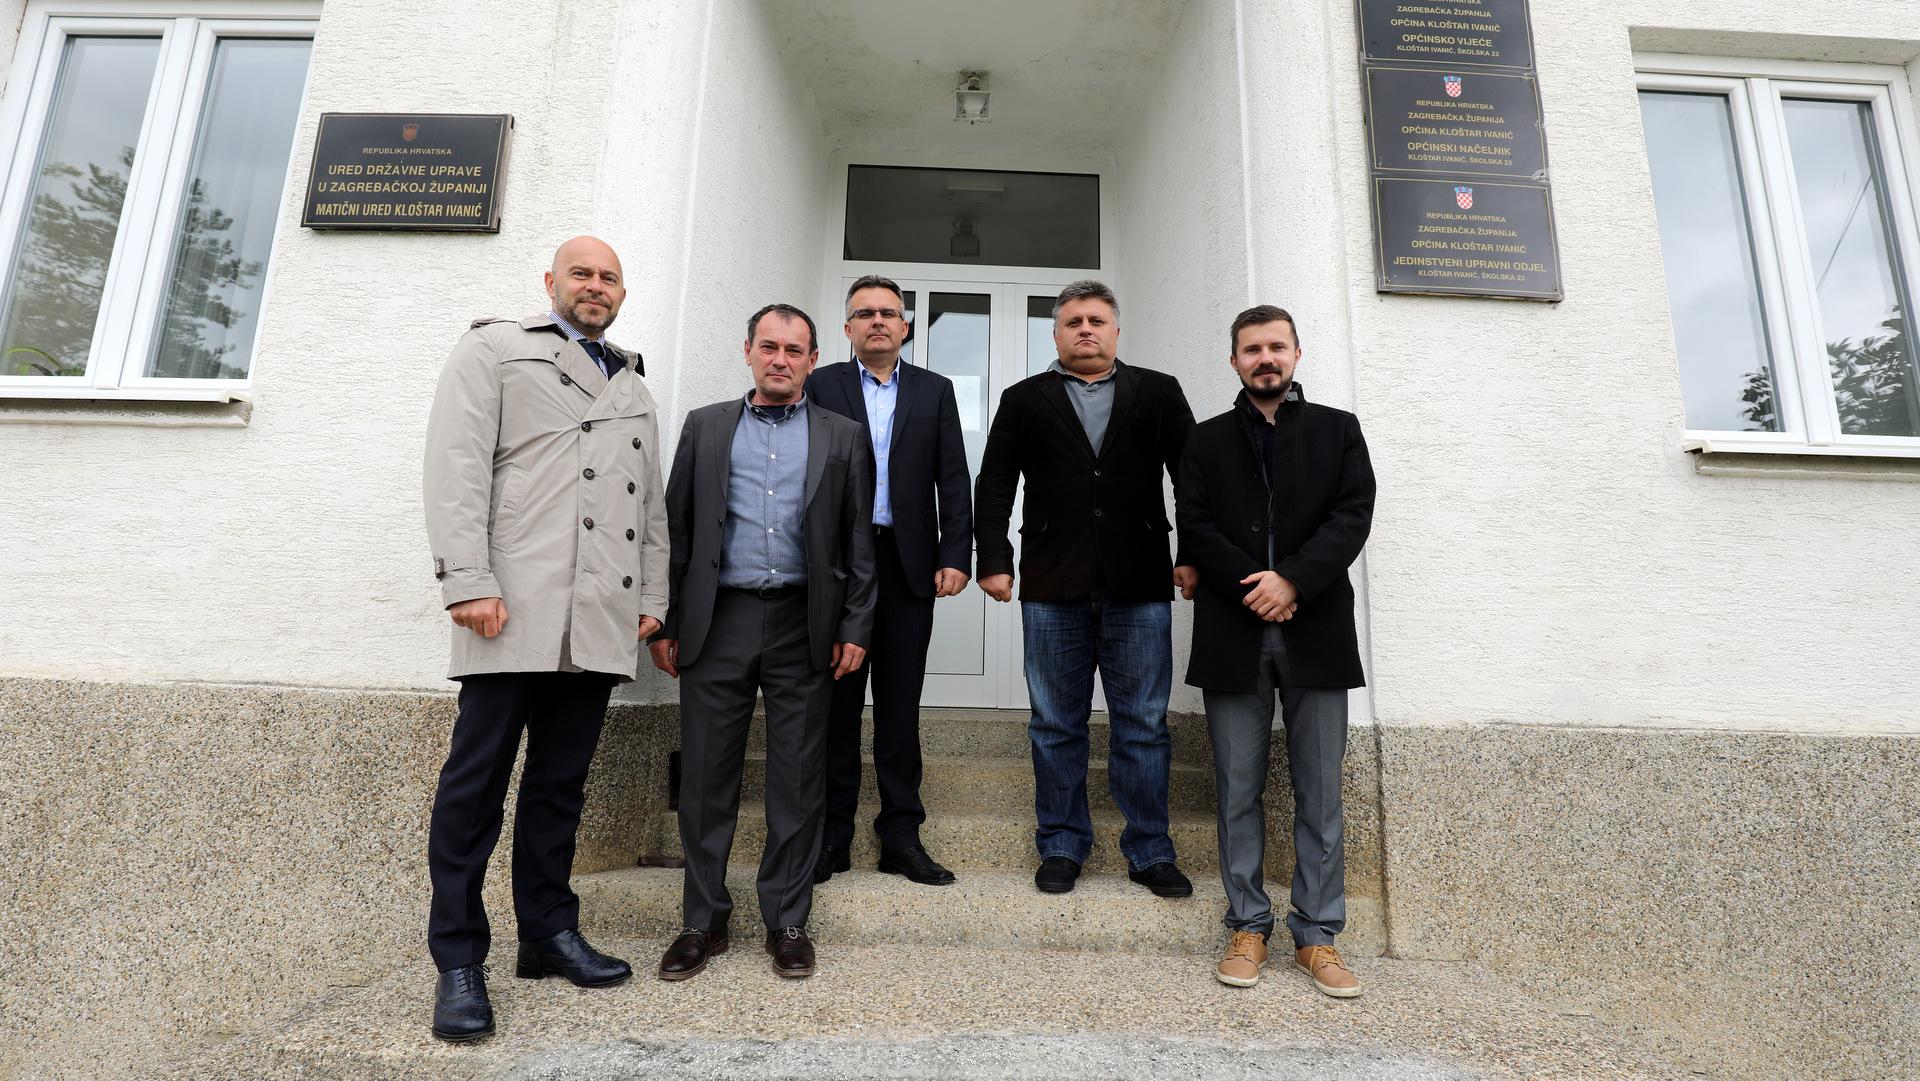 Općinsku zgradu u Kloštru uskoro očekuje energetska obnova